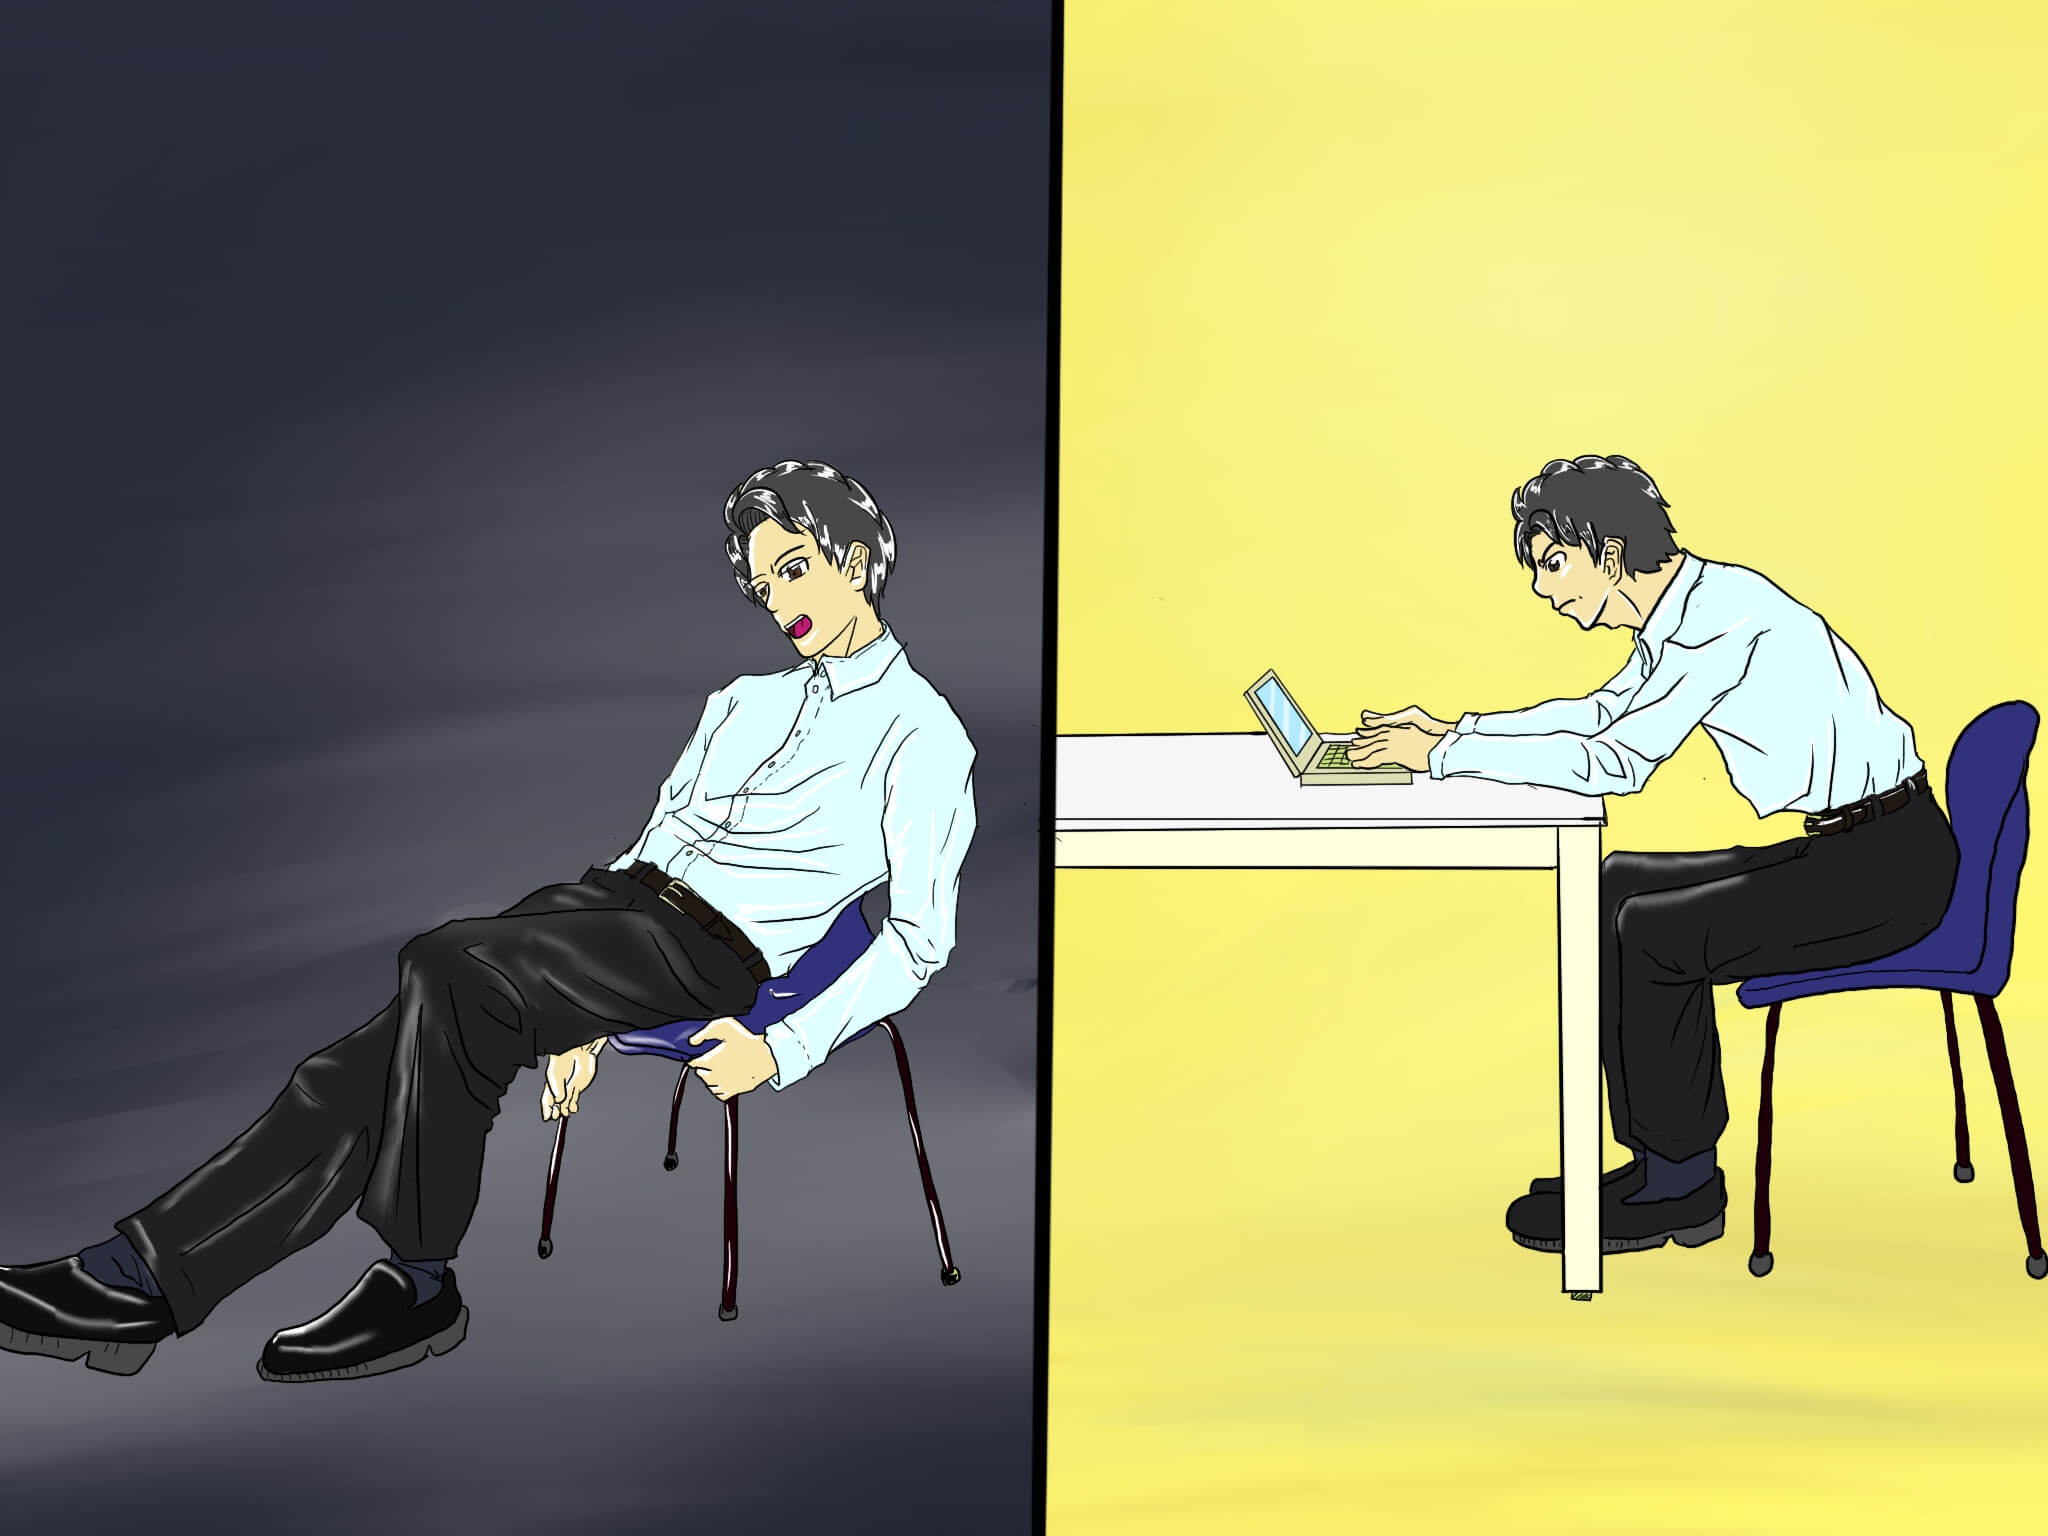 細マッチョはオフィスの呼吸も考える!歪んだら腹圧呼吸で姿勢を正そう!